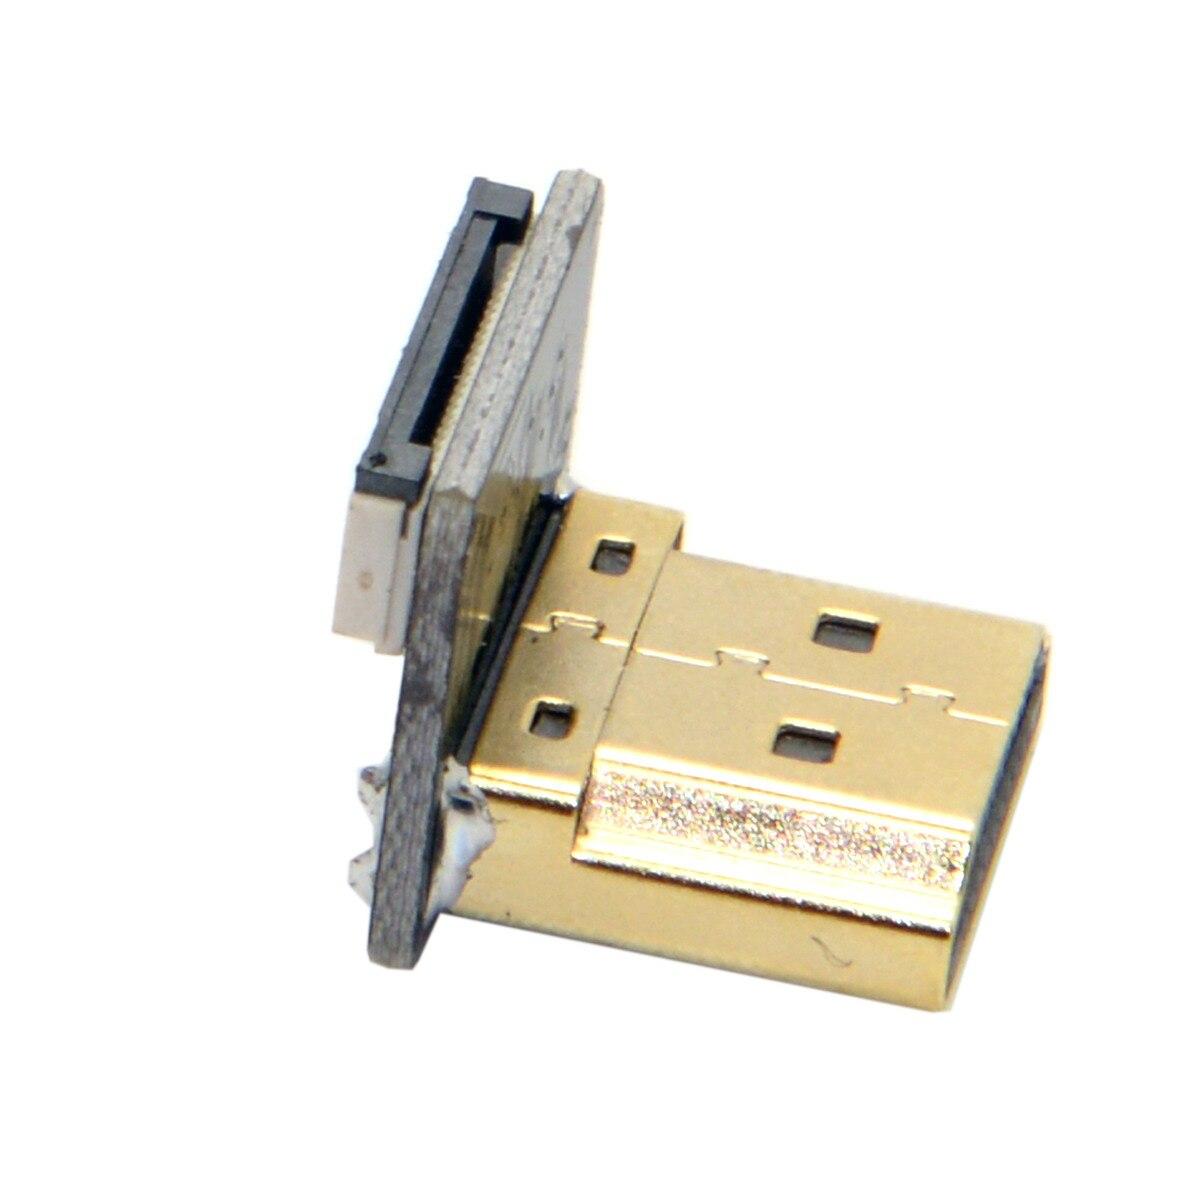 10 pcs/lot câble CYFPV HDMI Type A mâle 90 degrés vers le bas connecteur coudé pour FPV HDTV Multicopter photographie aérienne